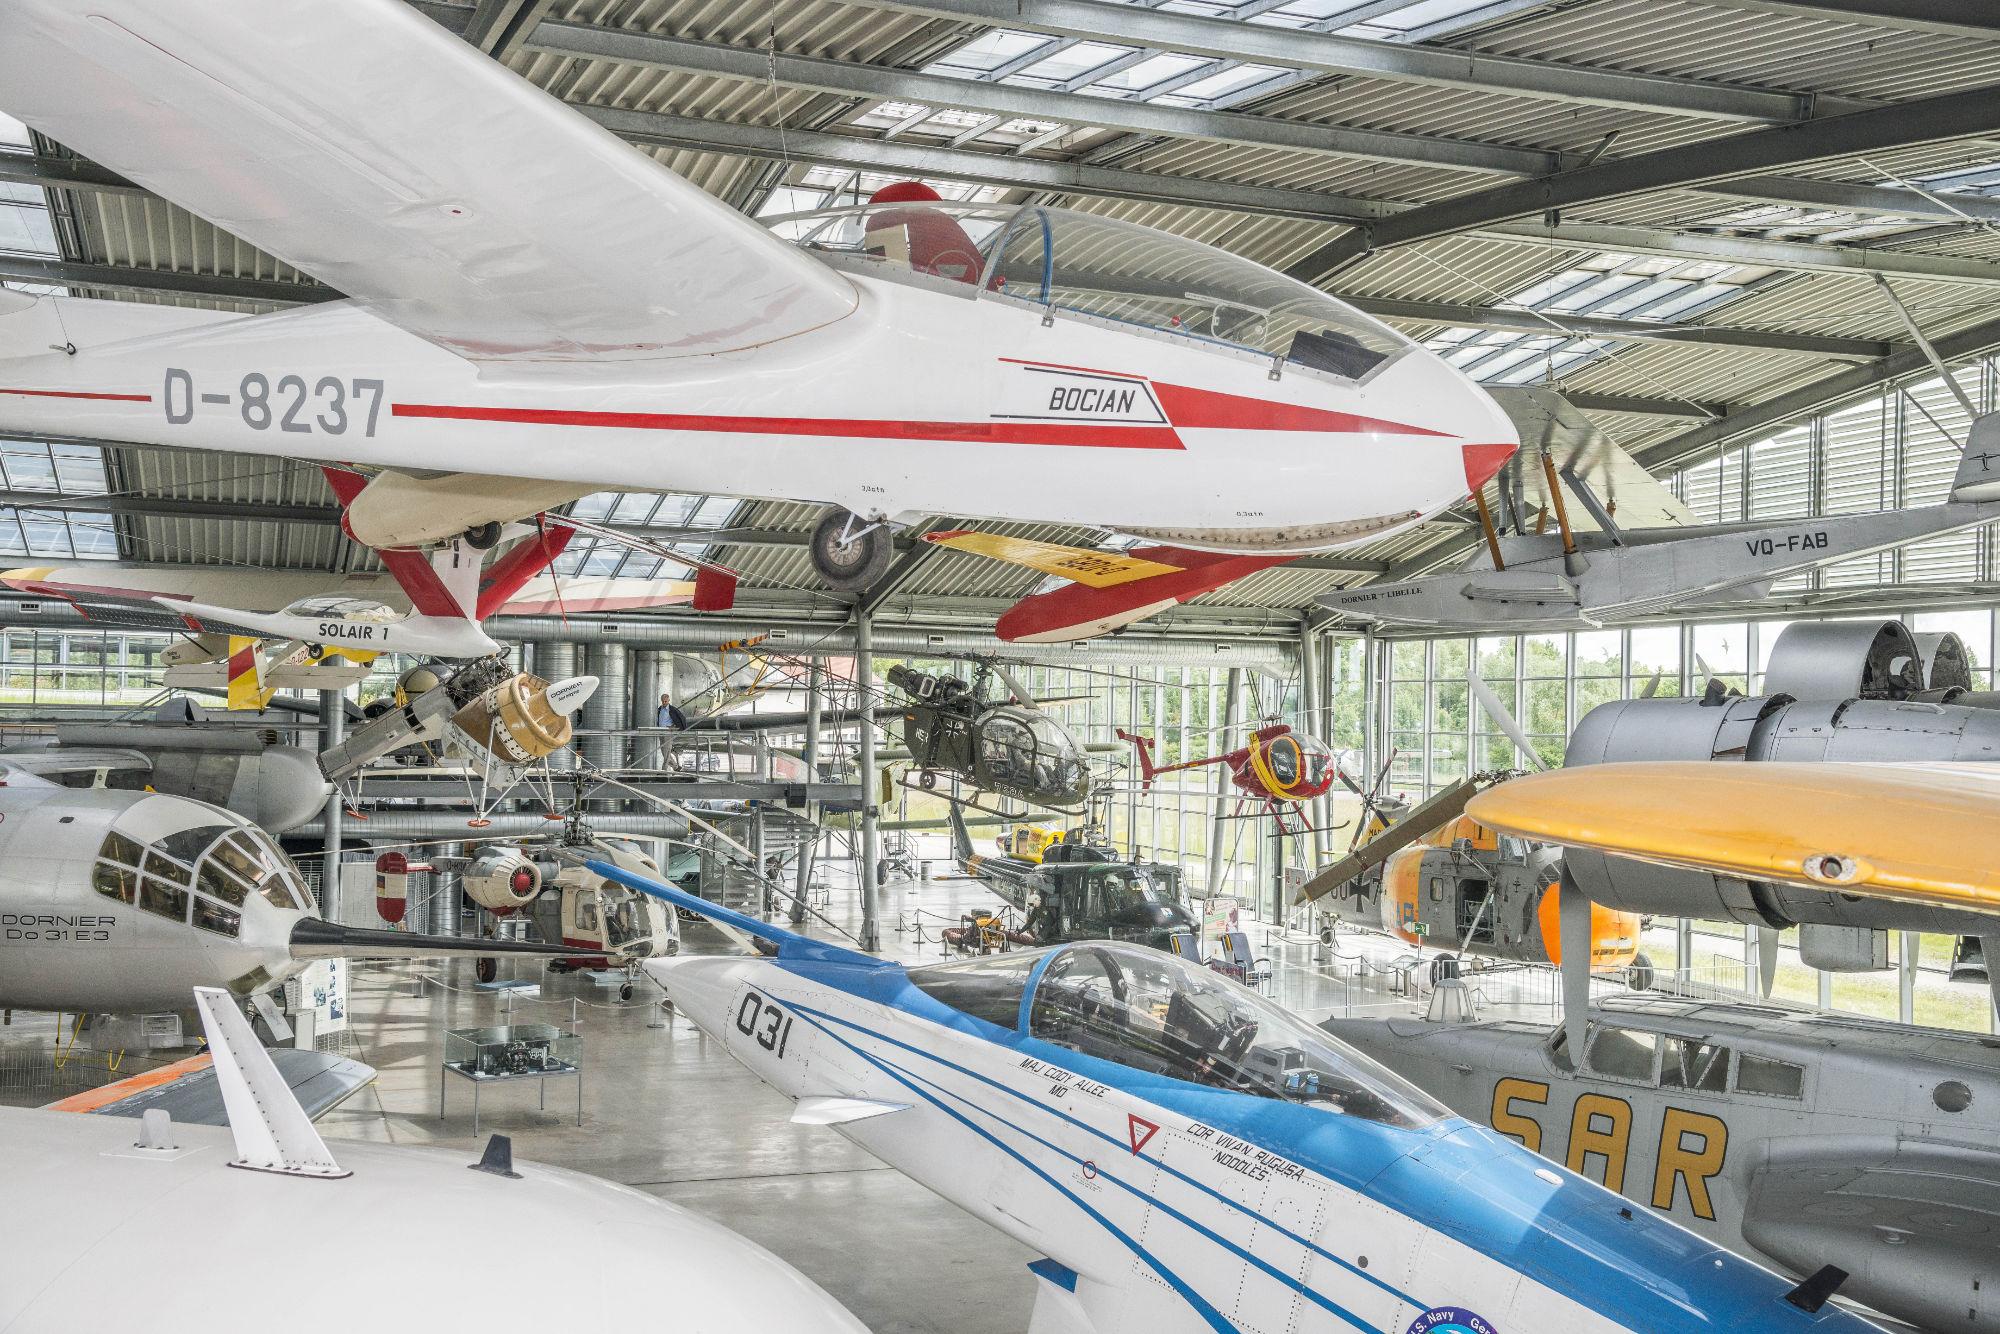 Flugwerft Schleißheim hangar